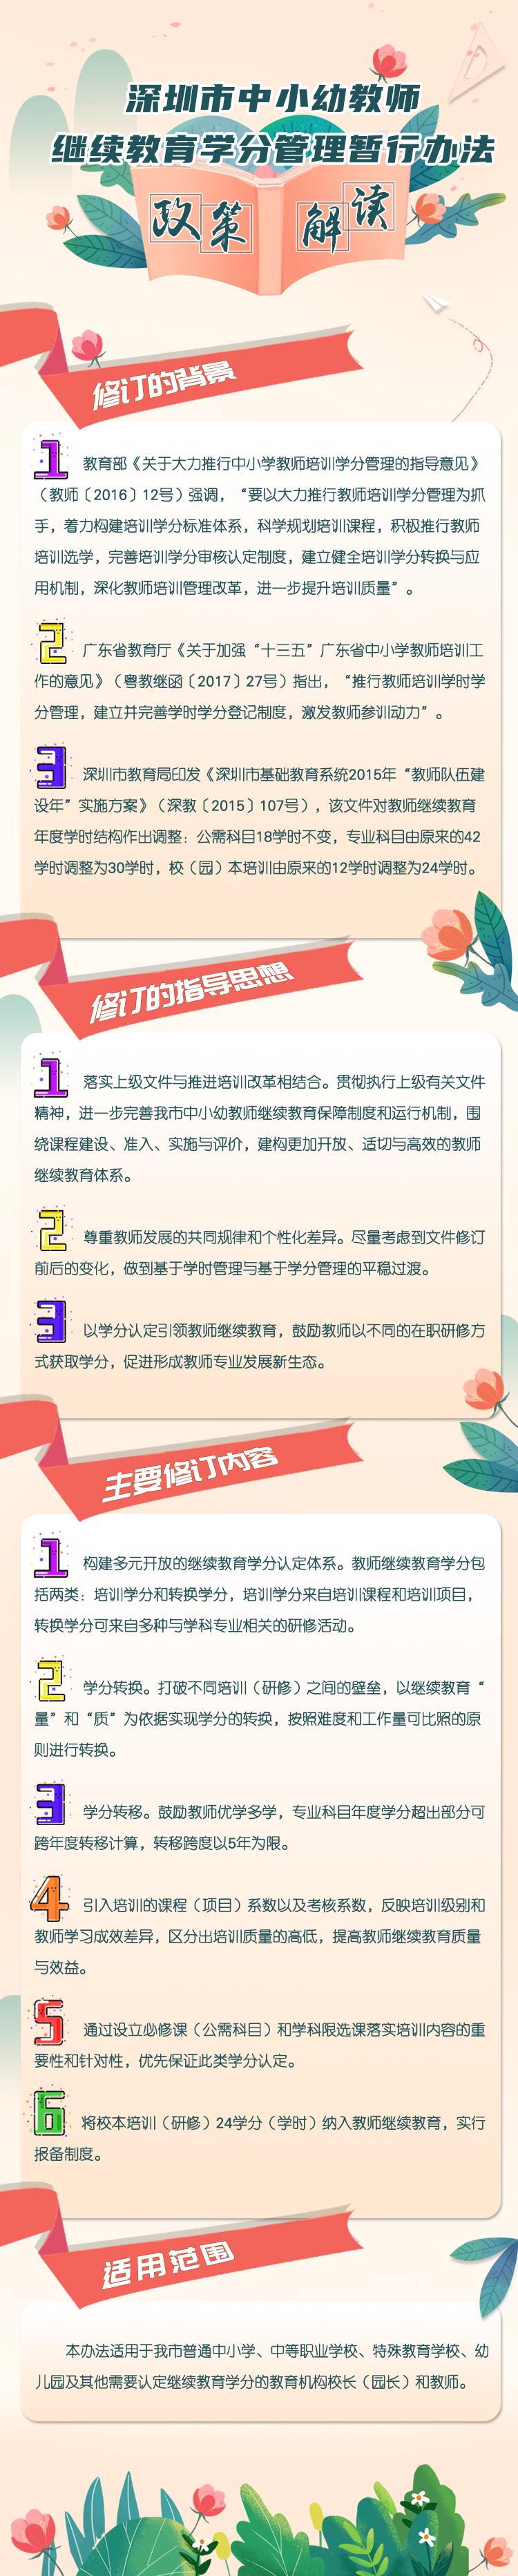 1(3).jpg